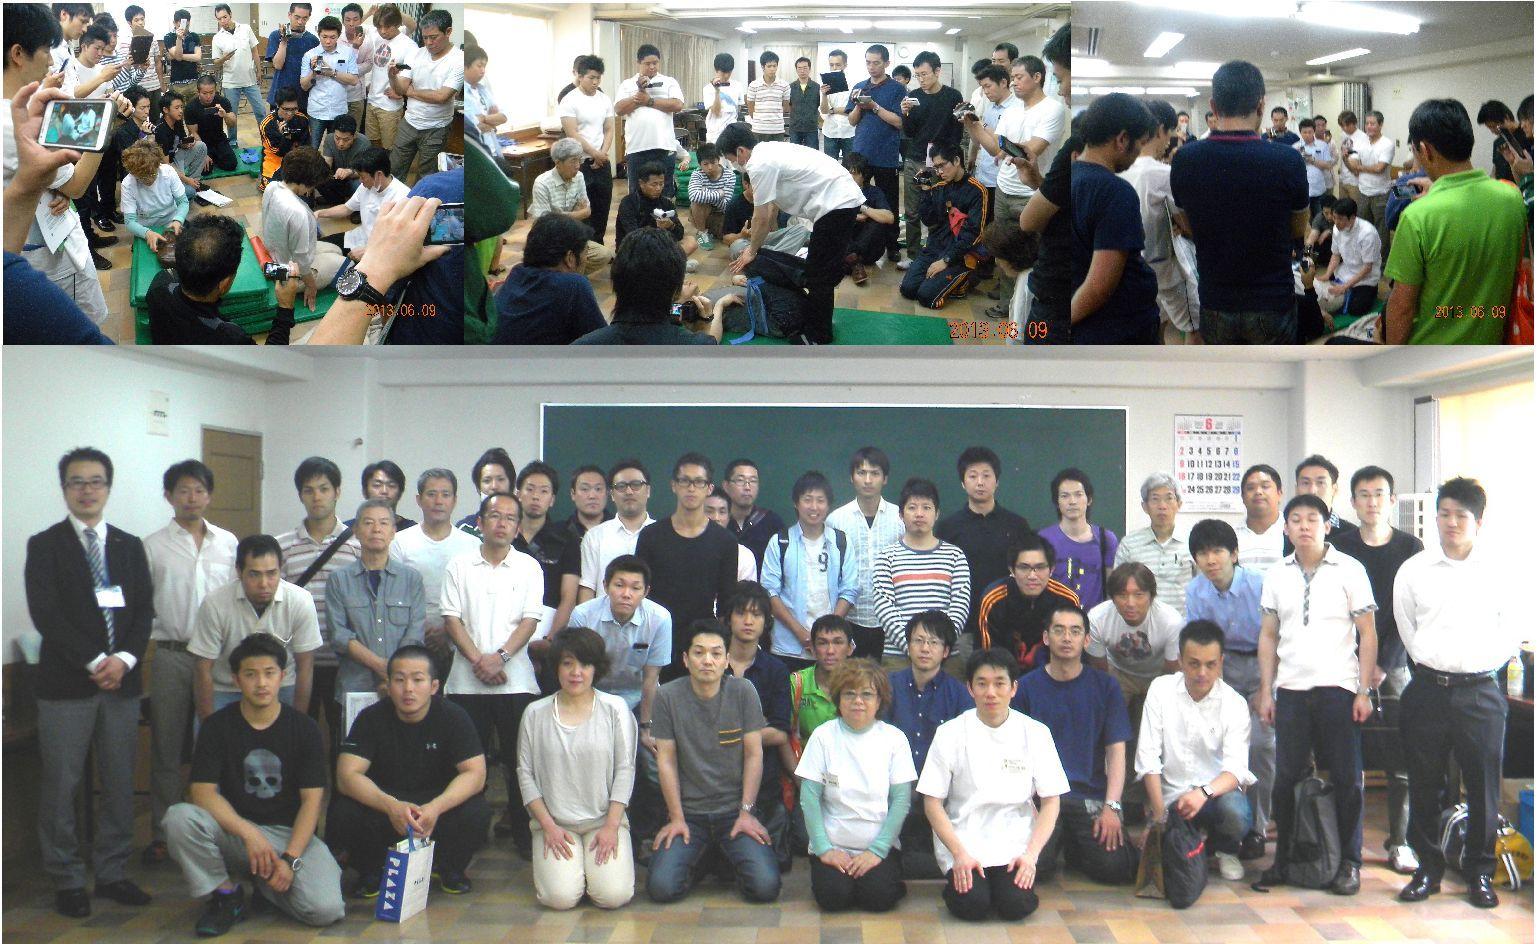 ジャパン柔道整復師会 礒谷式力学療法セミナー2013(大阪 新大阪丸ビル)